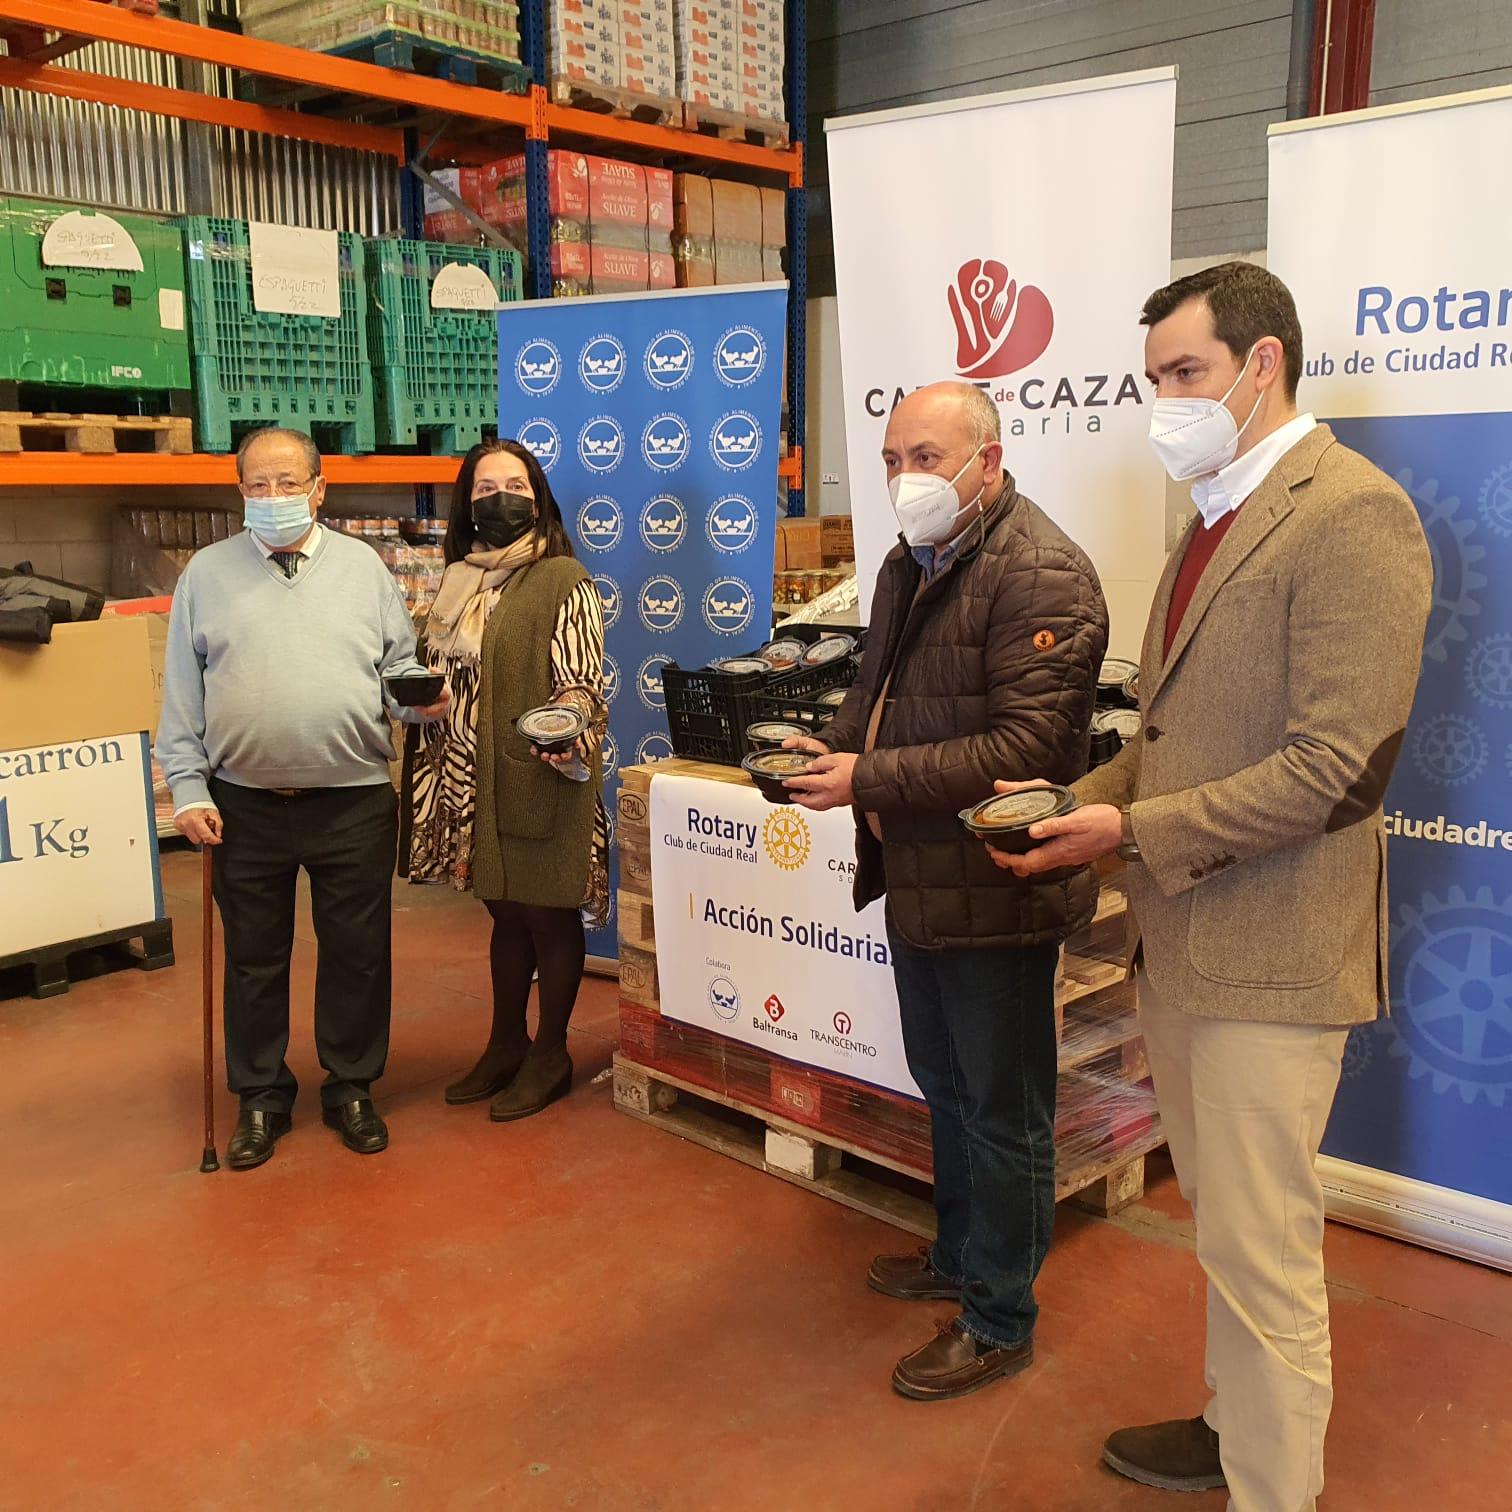 entrega raciones de comida con carne de caza, presidenta Club, presidente Banco Alimentos y representantes de la campaña Carne de Caza Solidaria